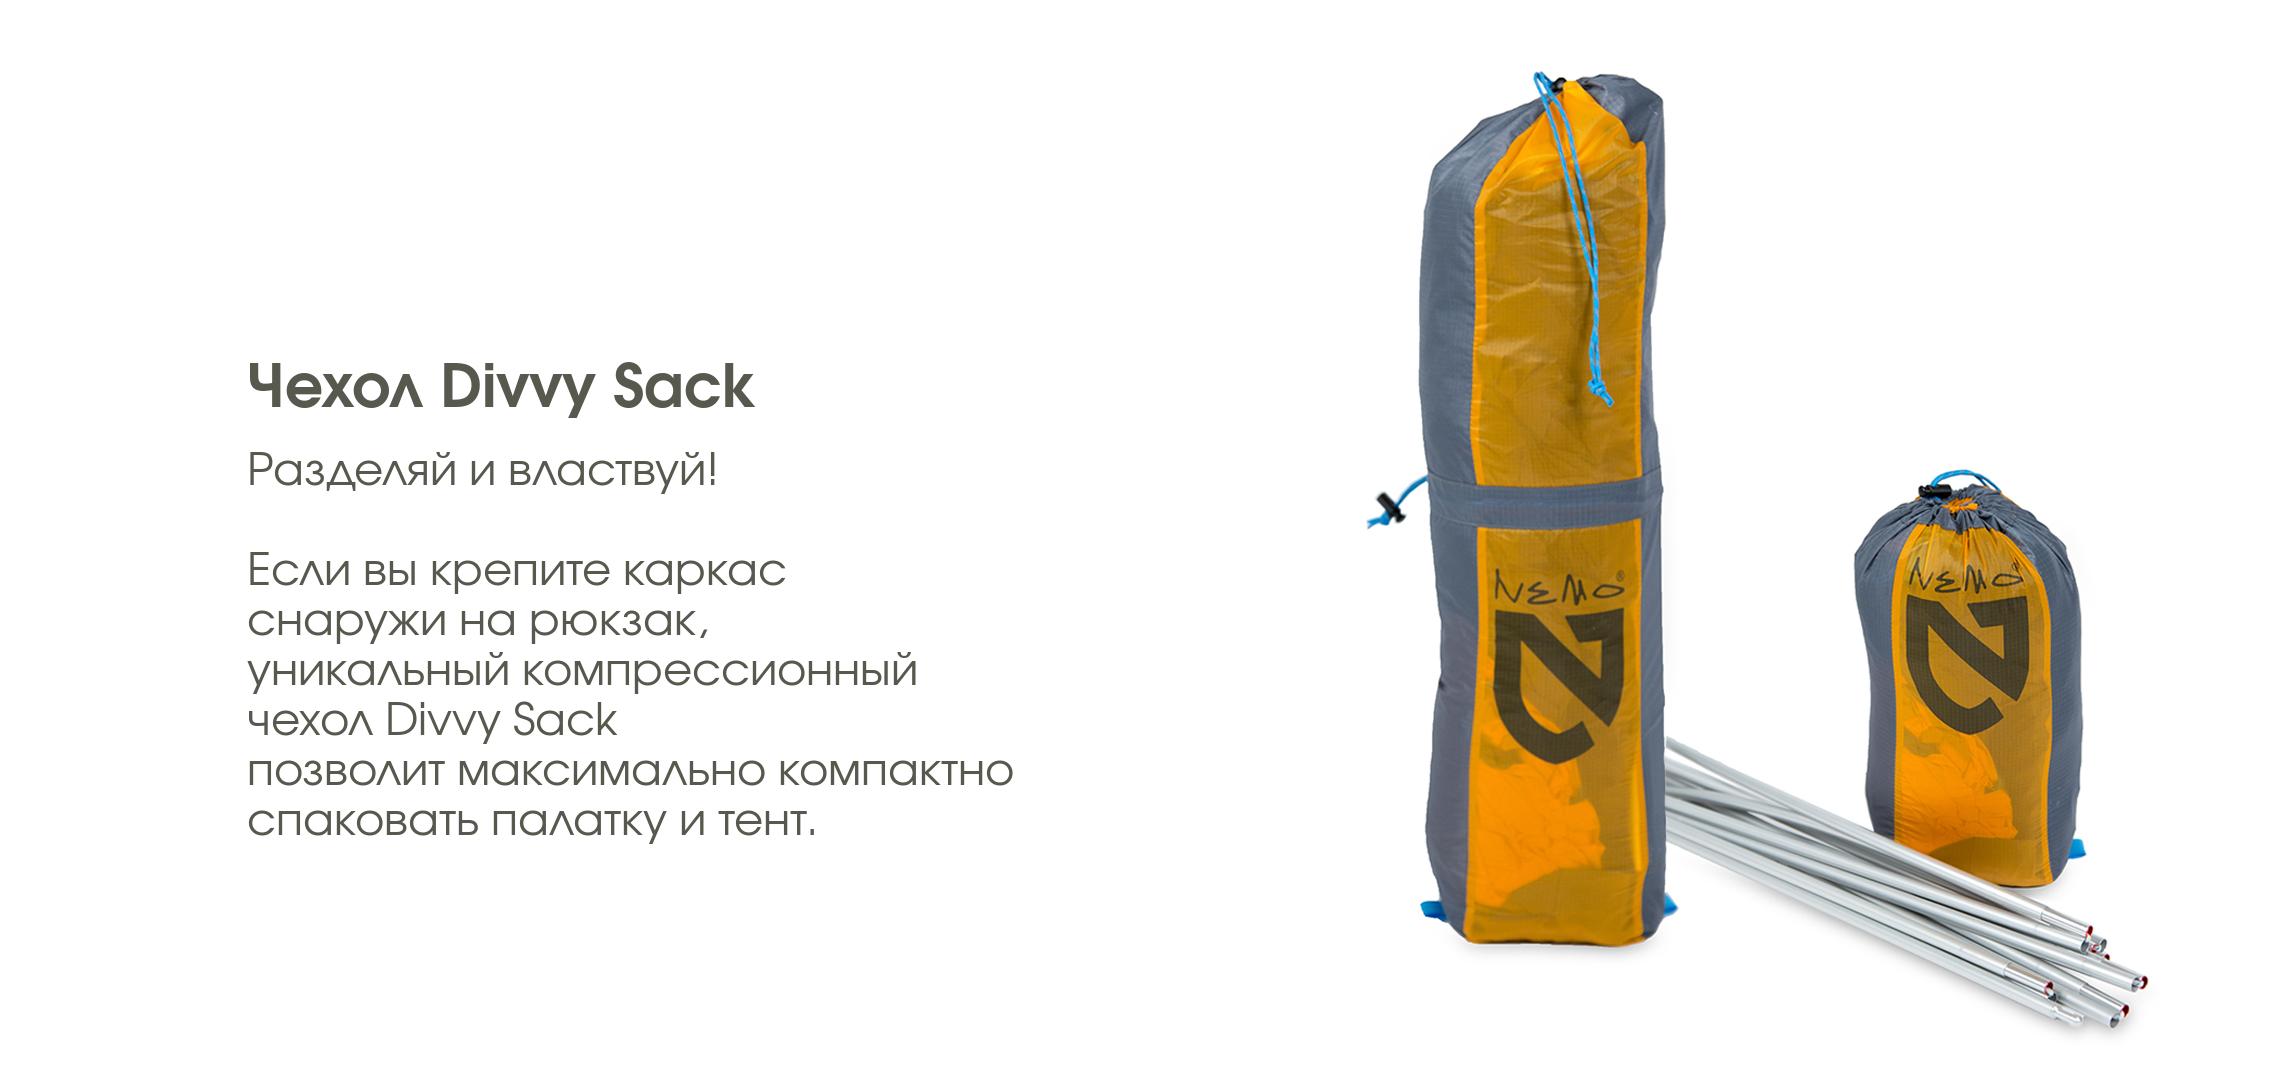 Компрессионный чехол для палатки NEMO Divvy Sack